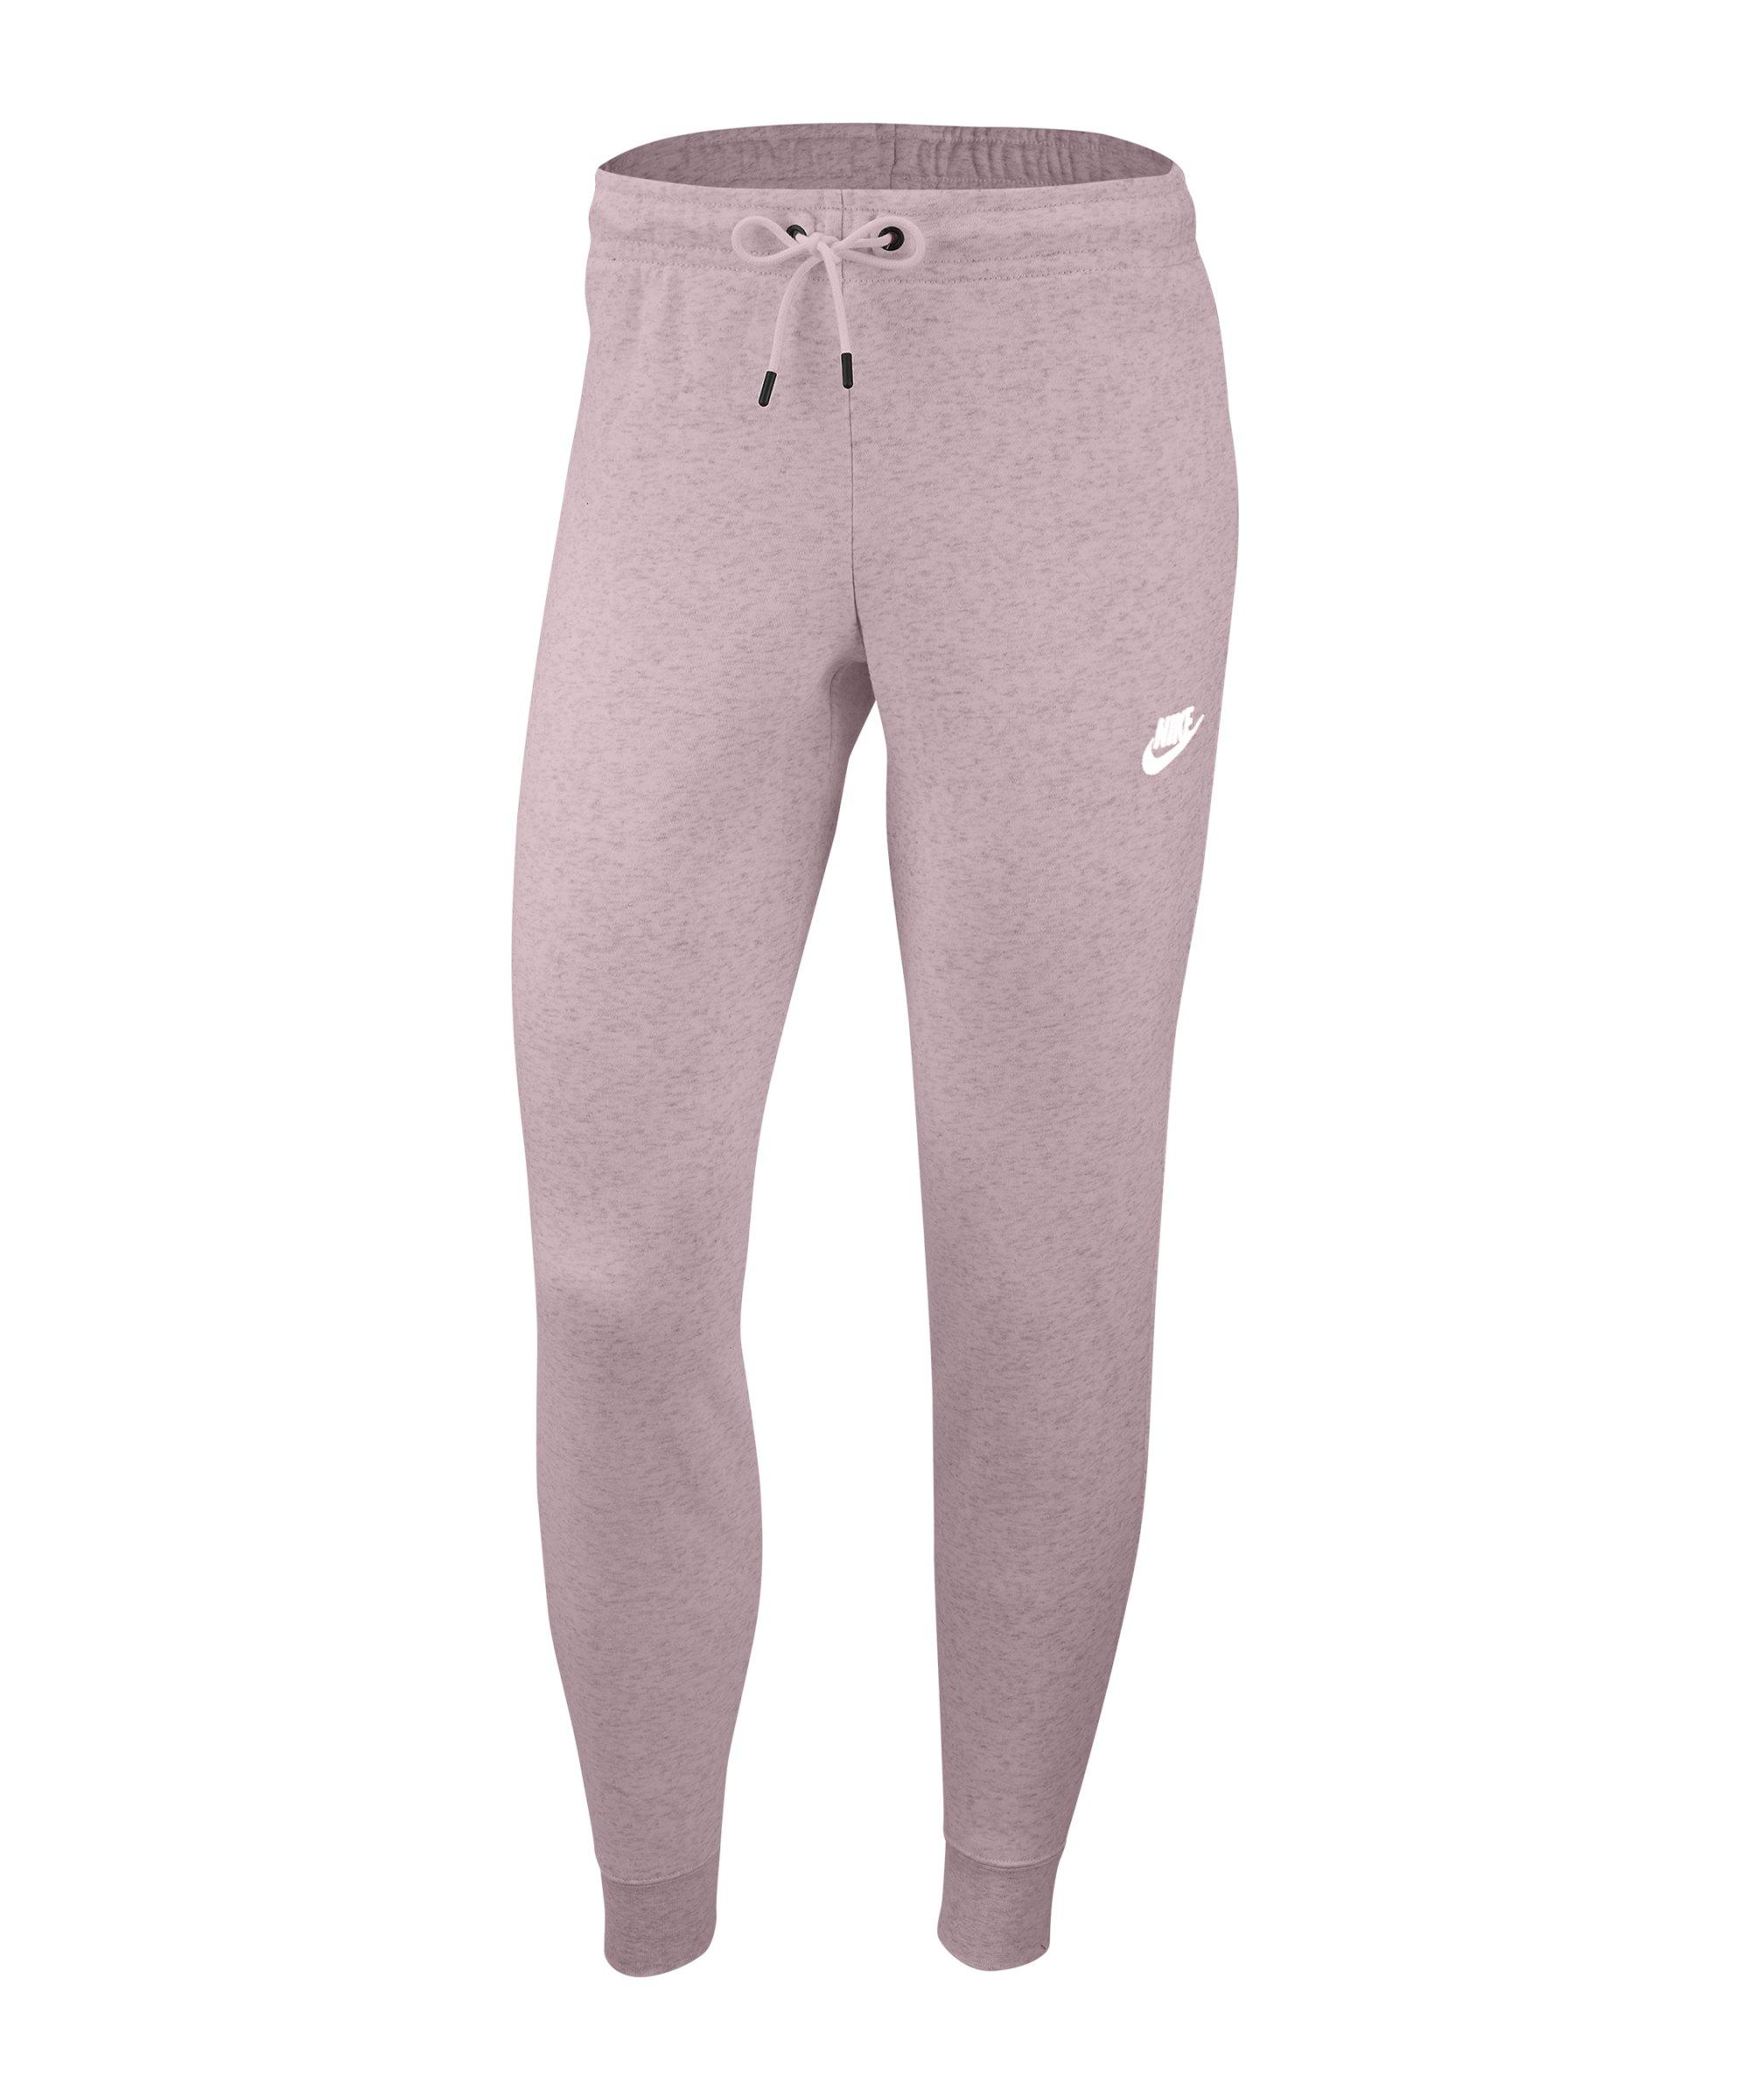 Nike Essential Fleece Jogginghose Damen Rosa F645 - rosa